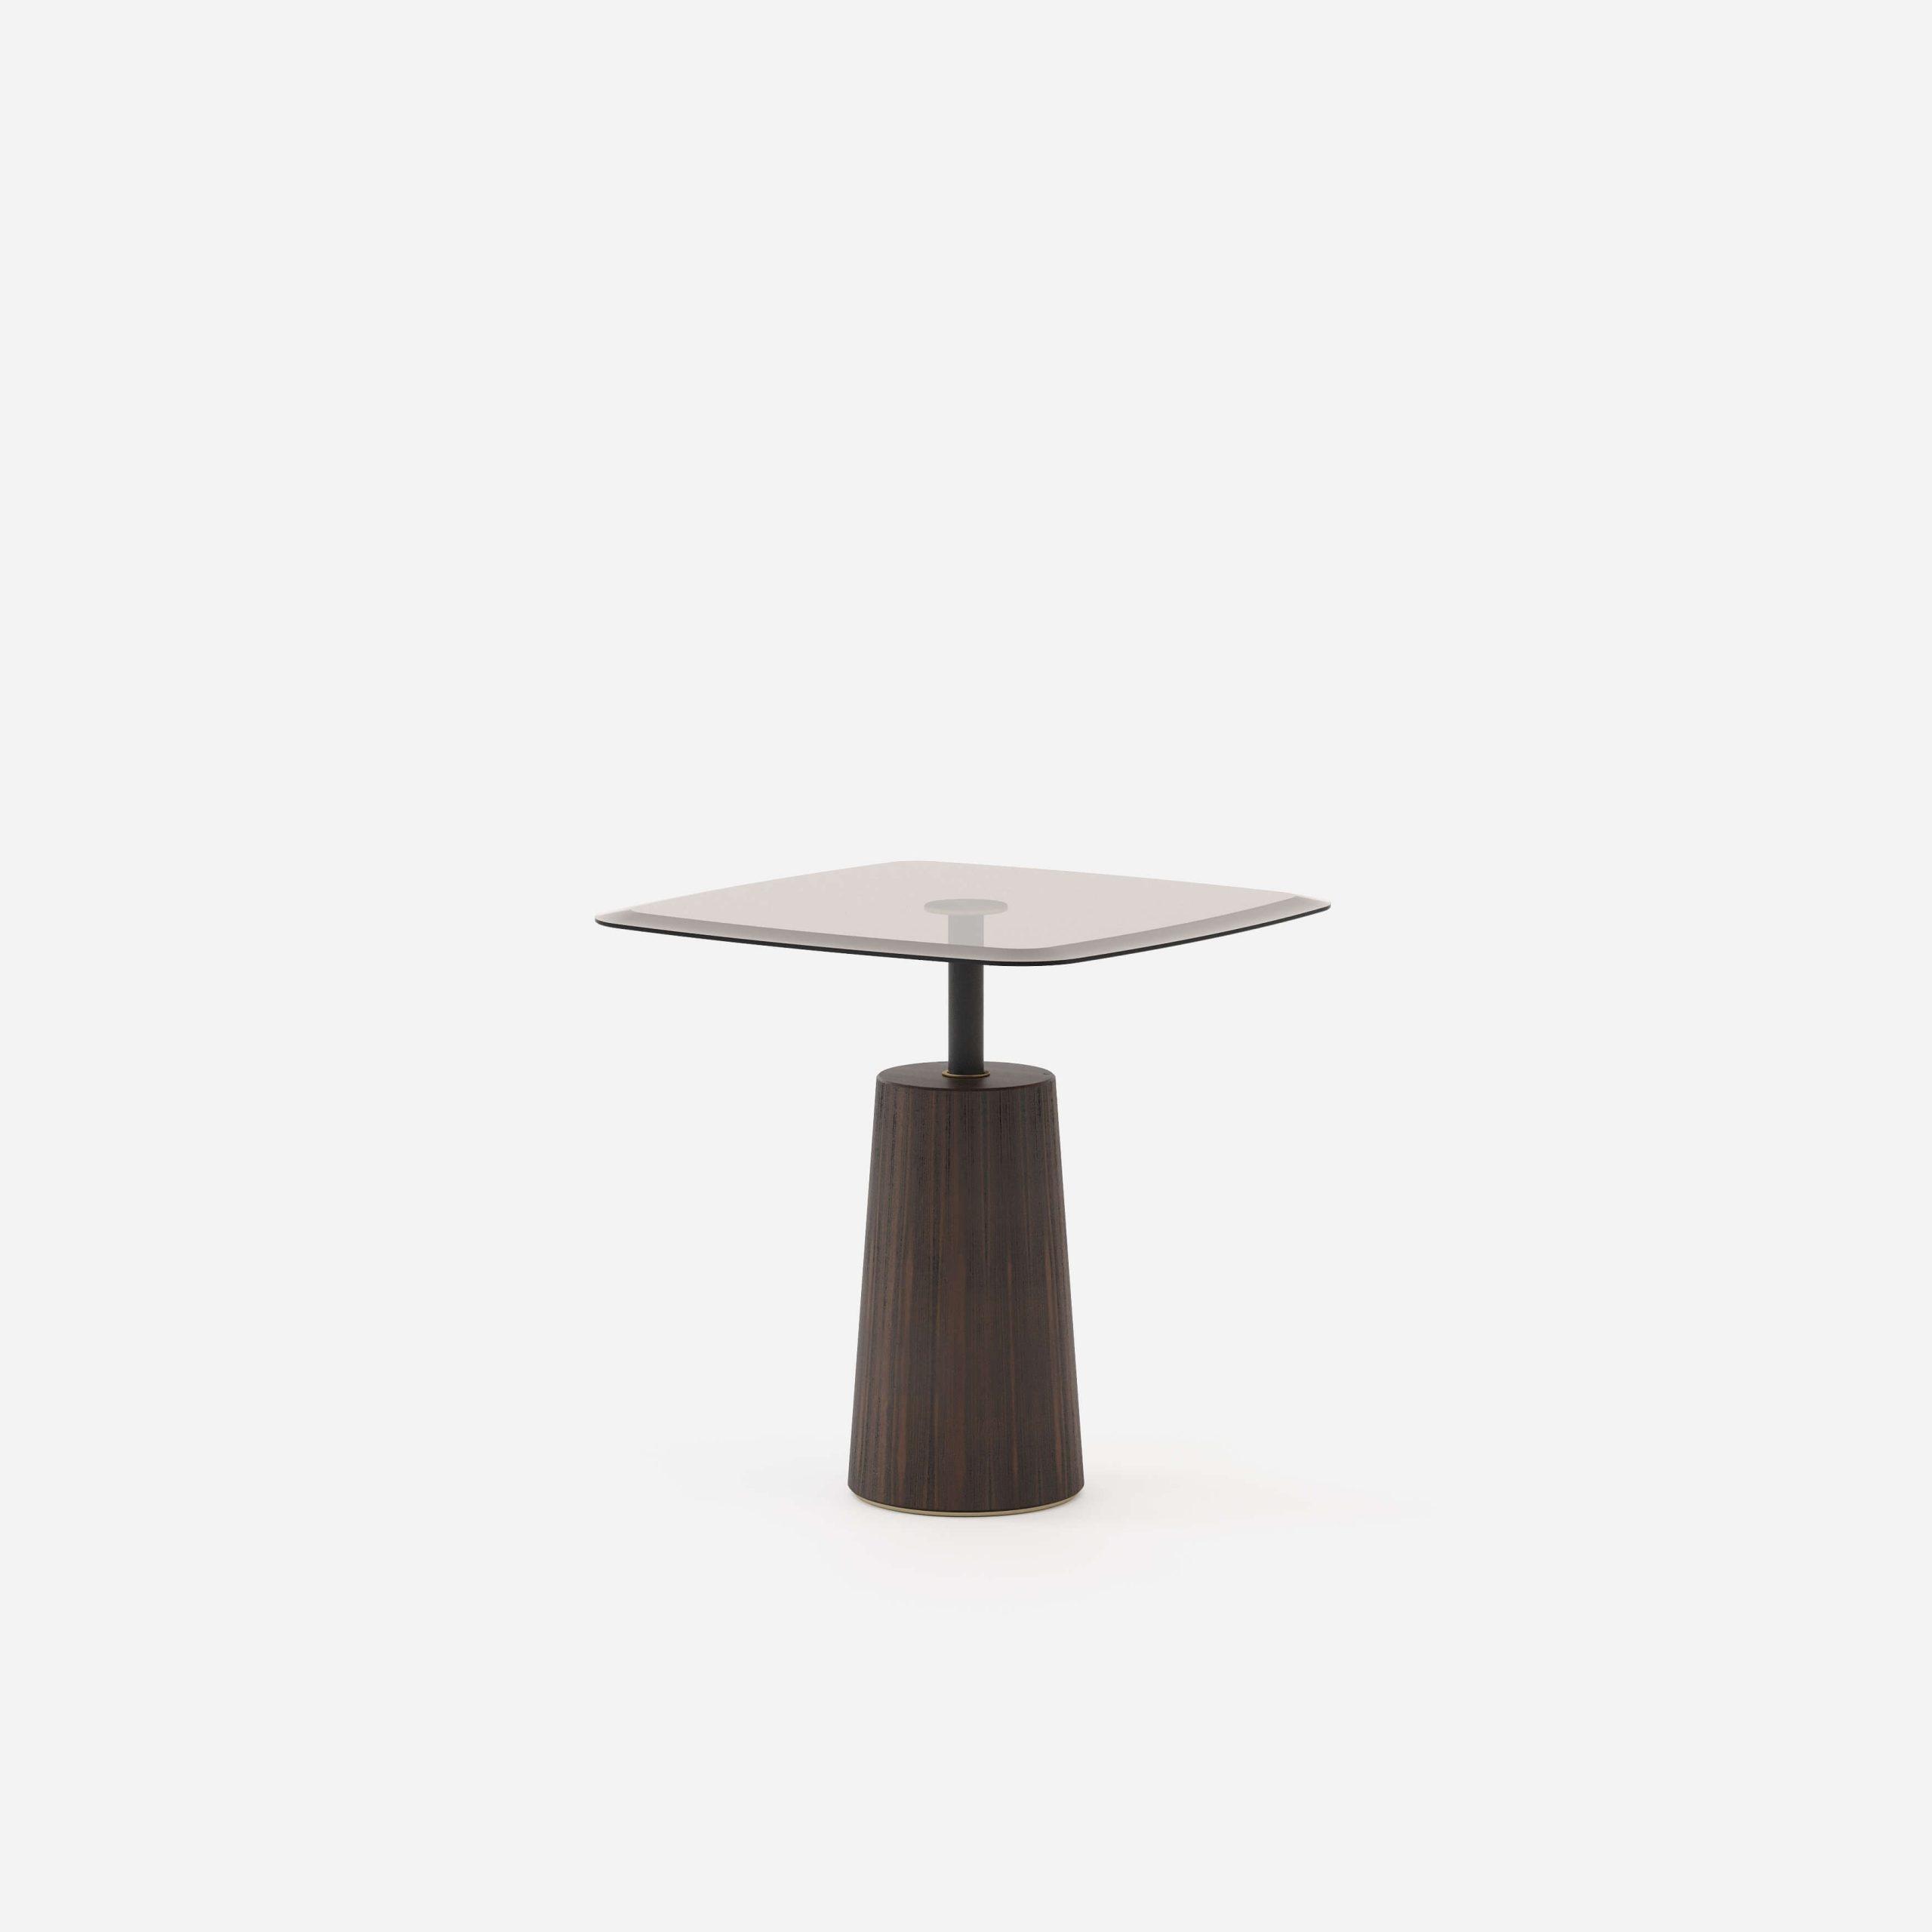 panton-side-table-tinted-glass-living-room-domkapa